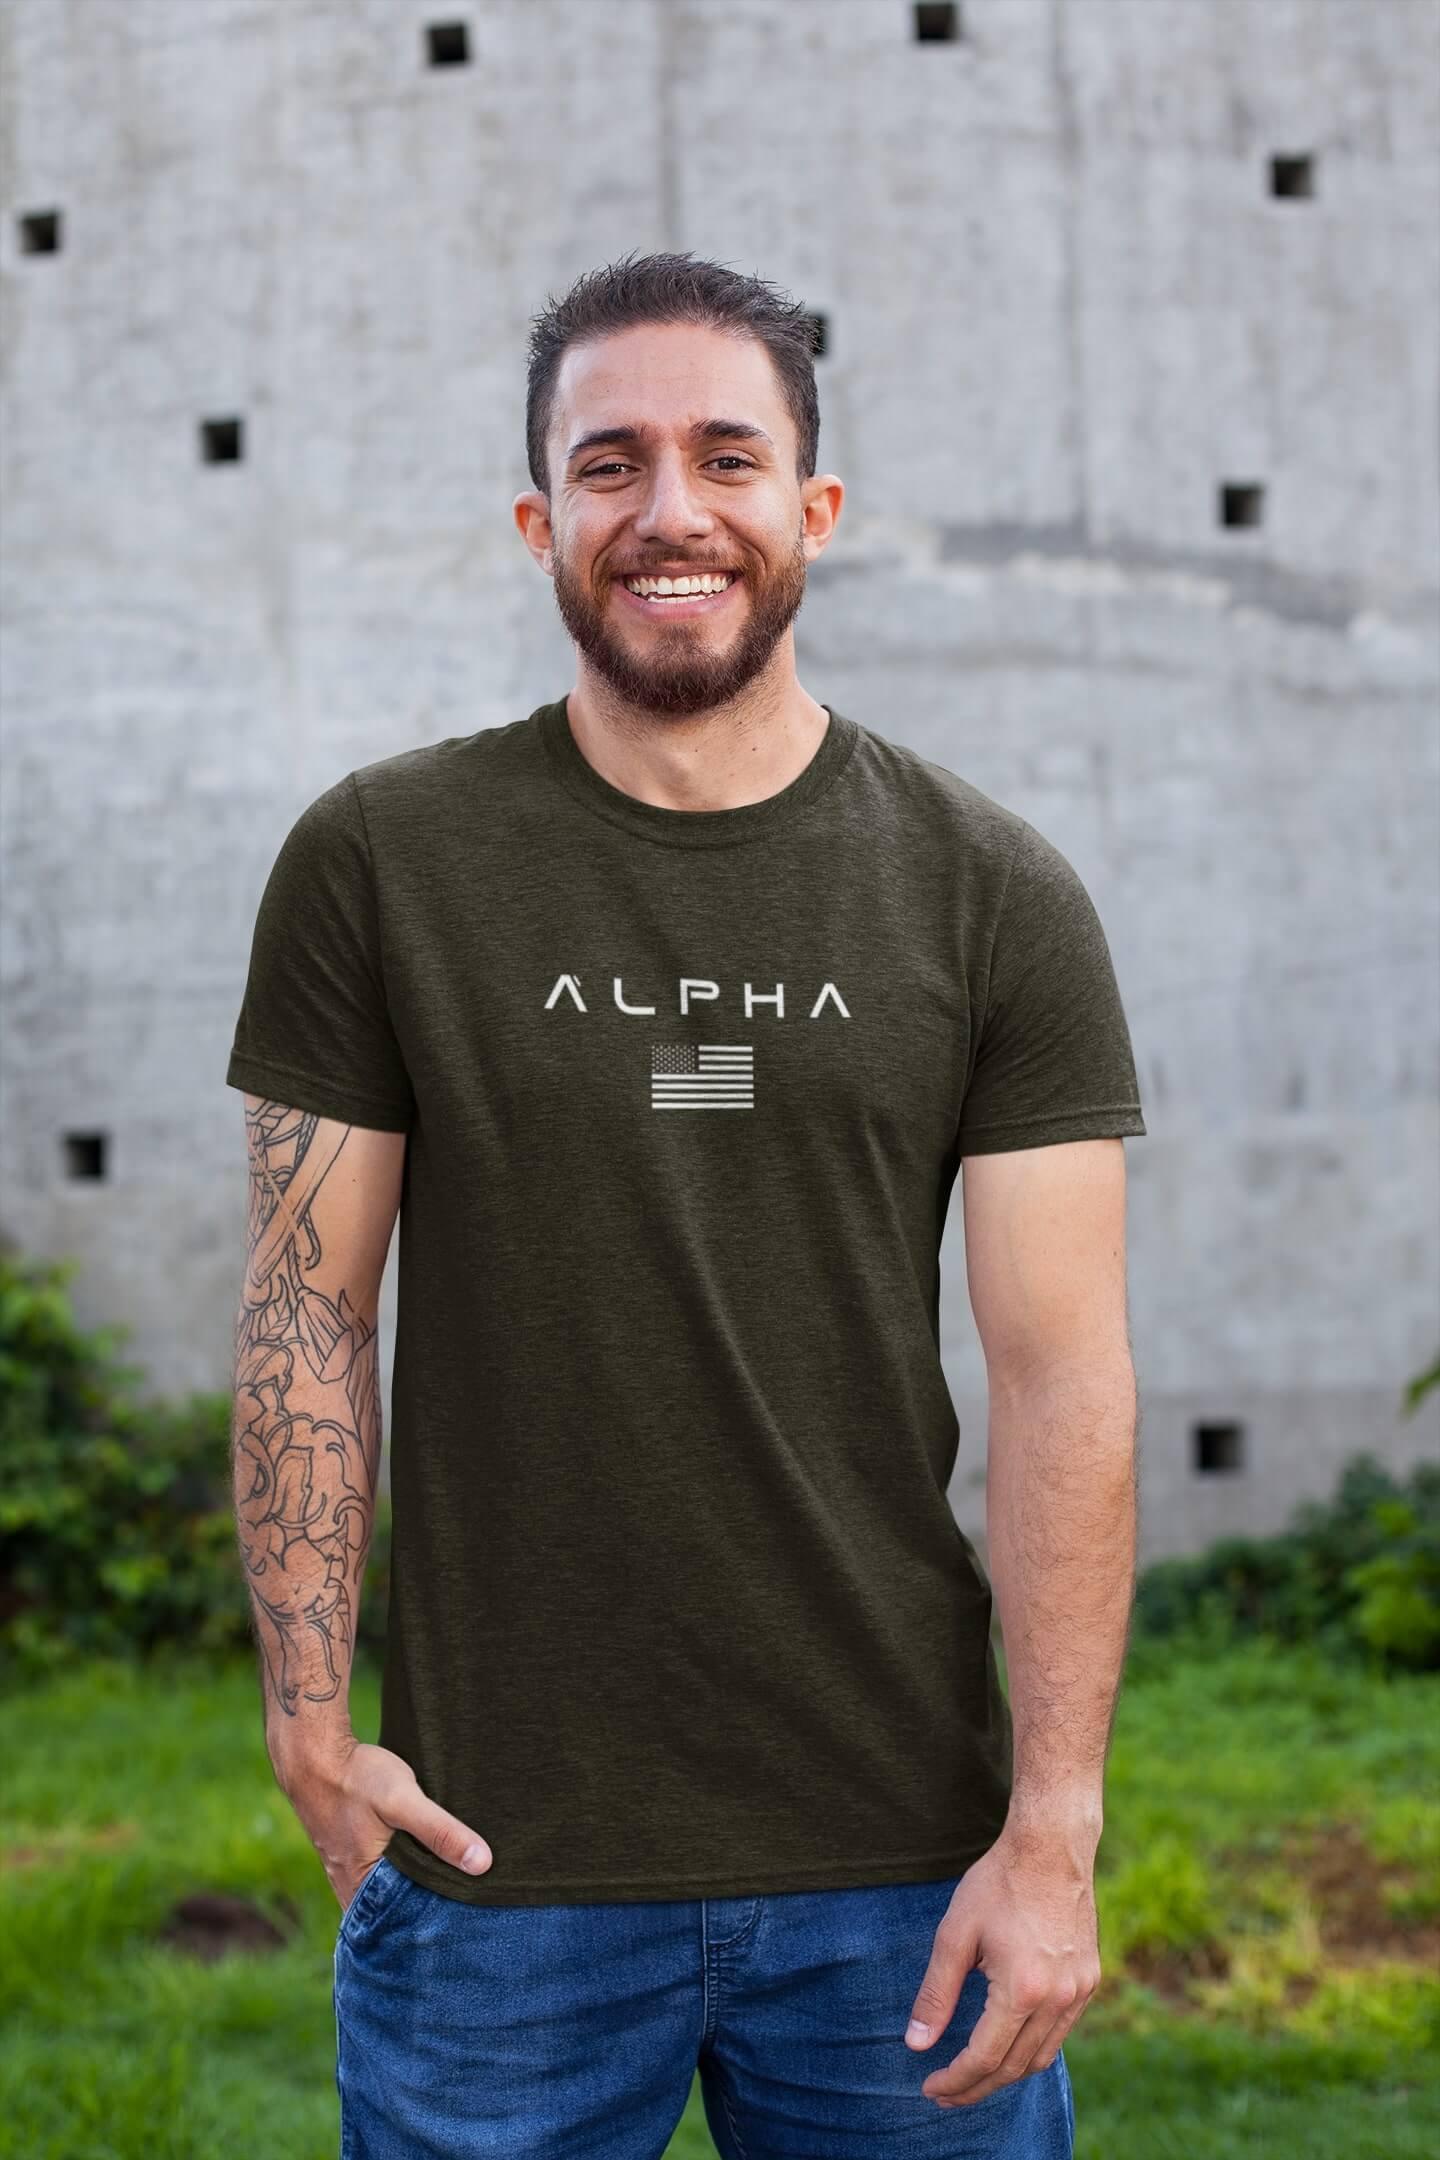 MMO Pánske tričko ALPHA Vyberte farbu: Military, Vyberte veľkosť: XS